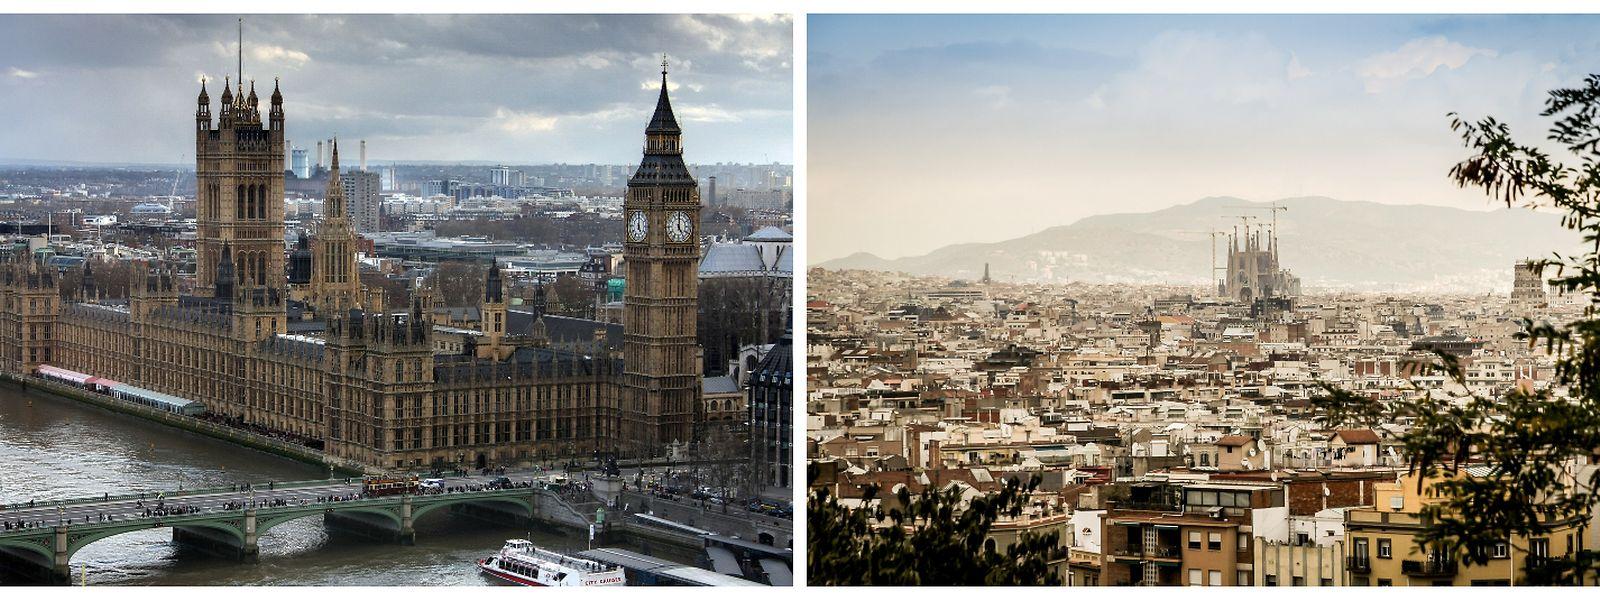 In rund 30 Jahren sollen einer neuen Studie zufolge die Temperaturen in London vergleichbar mit denen sein, die derzeit in Barcelona vorherrschen.